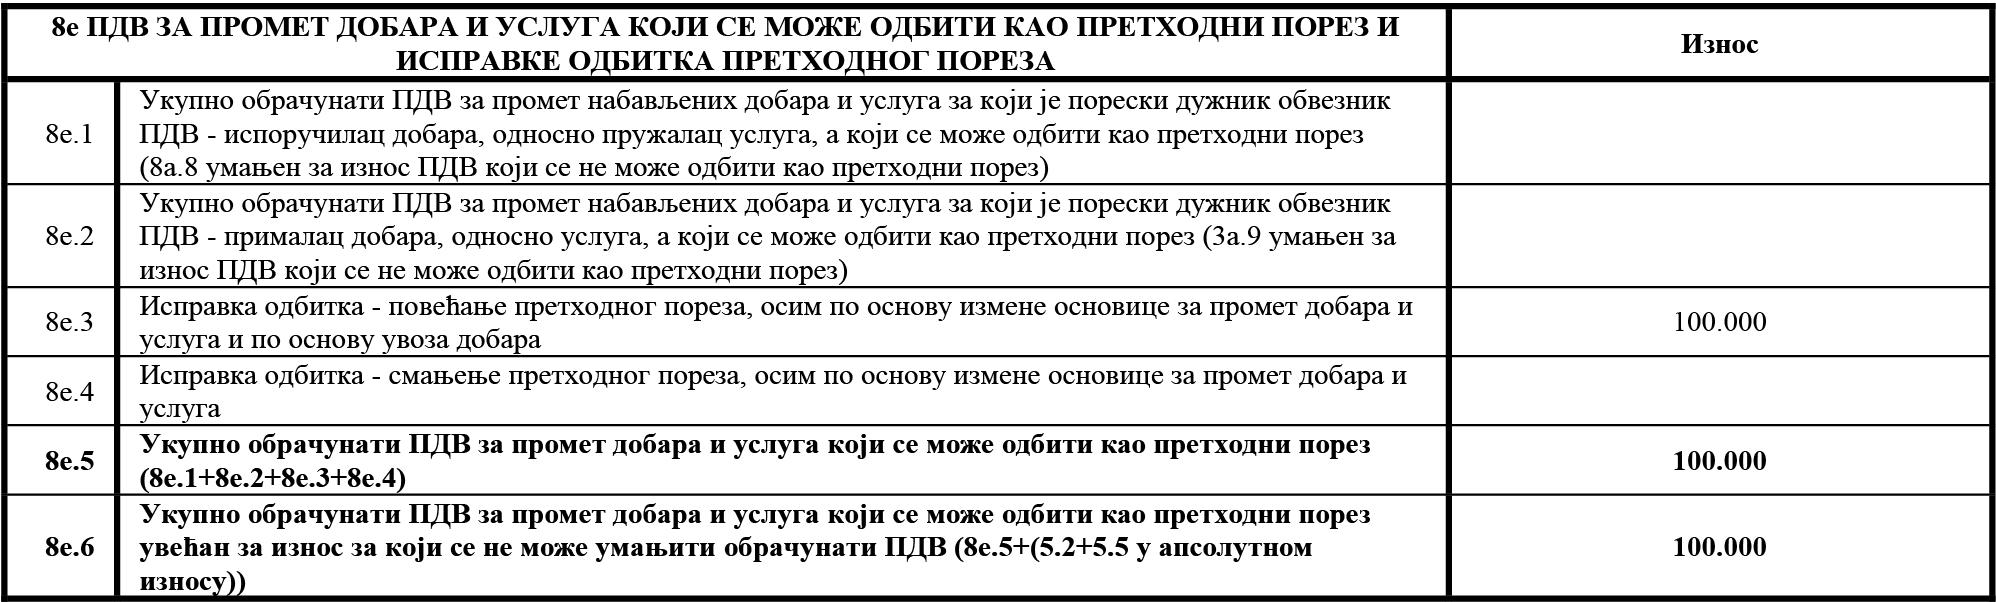 uputstvo PU obrazac POPDV primer 122